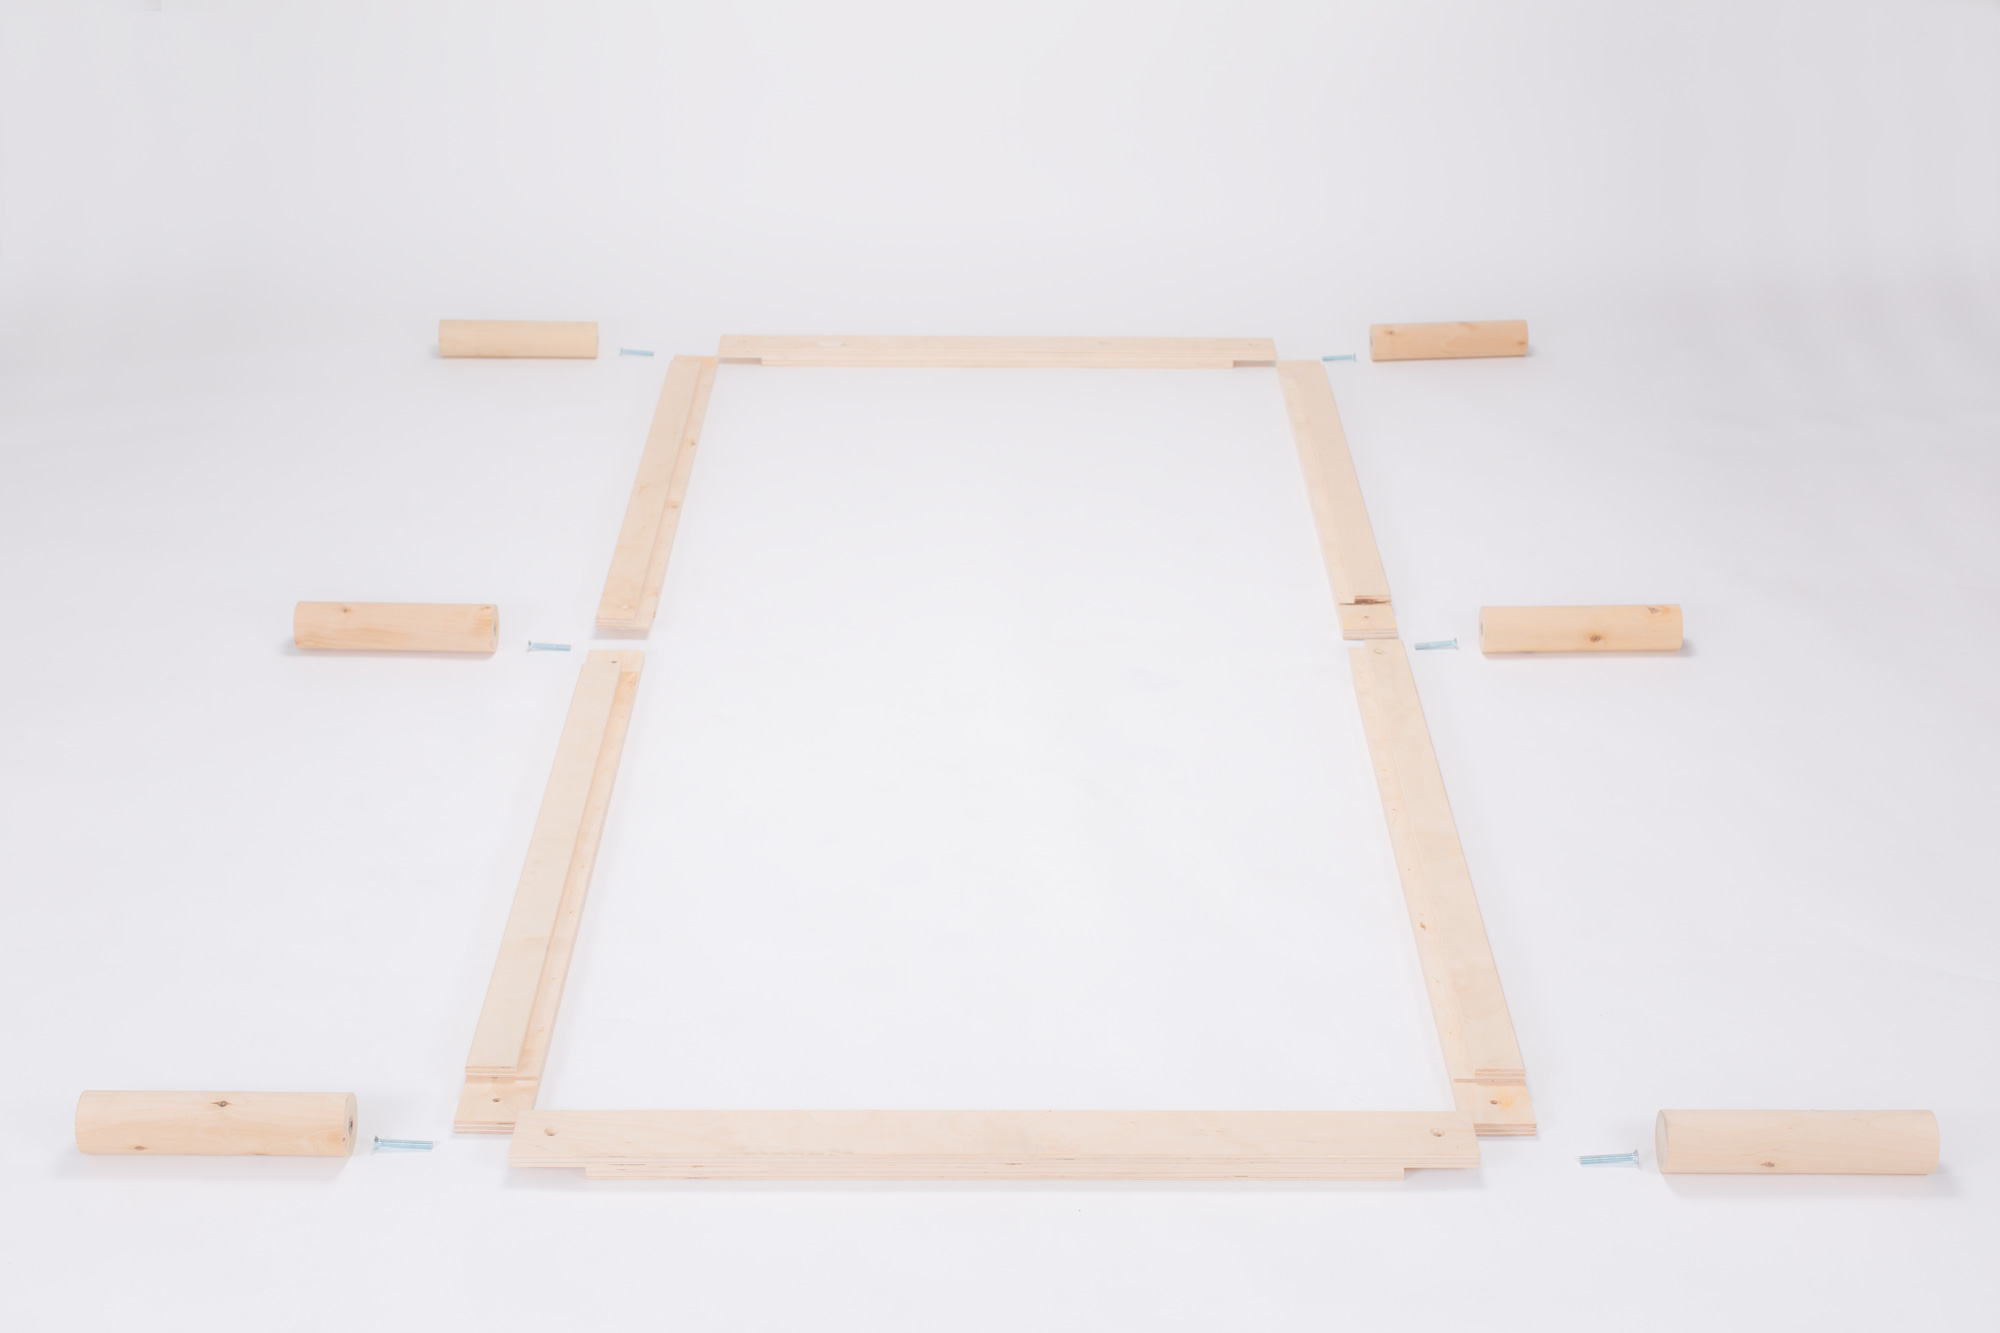 Gigapur G1 29722 Bett | Lattenrost und Bettgestell | Birke Natur Schicht-Holz | Bettrahmen belastbar bis 195Kg | 190 x 200 cm (1 x 90 x 200 cm + 1 x 100 x 200 cm)